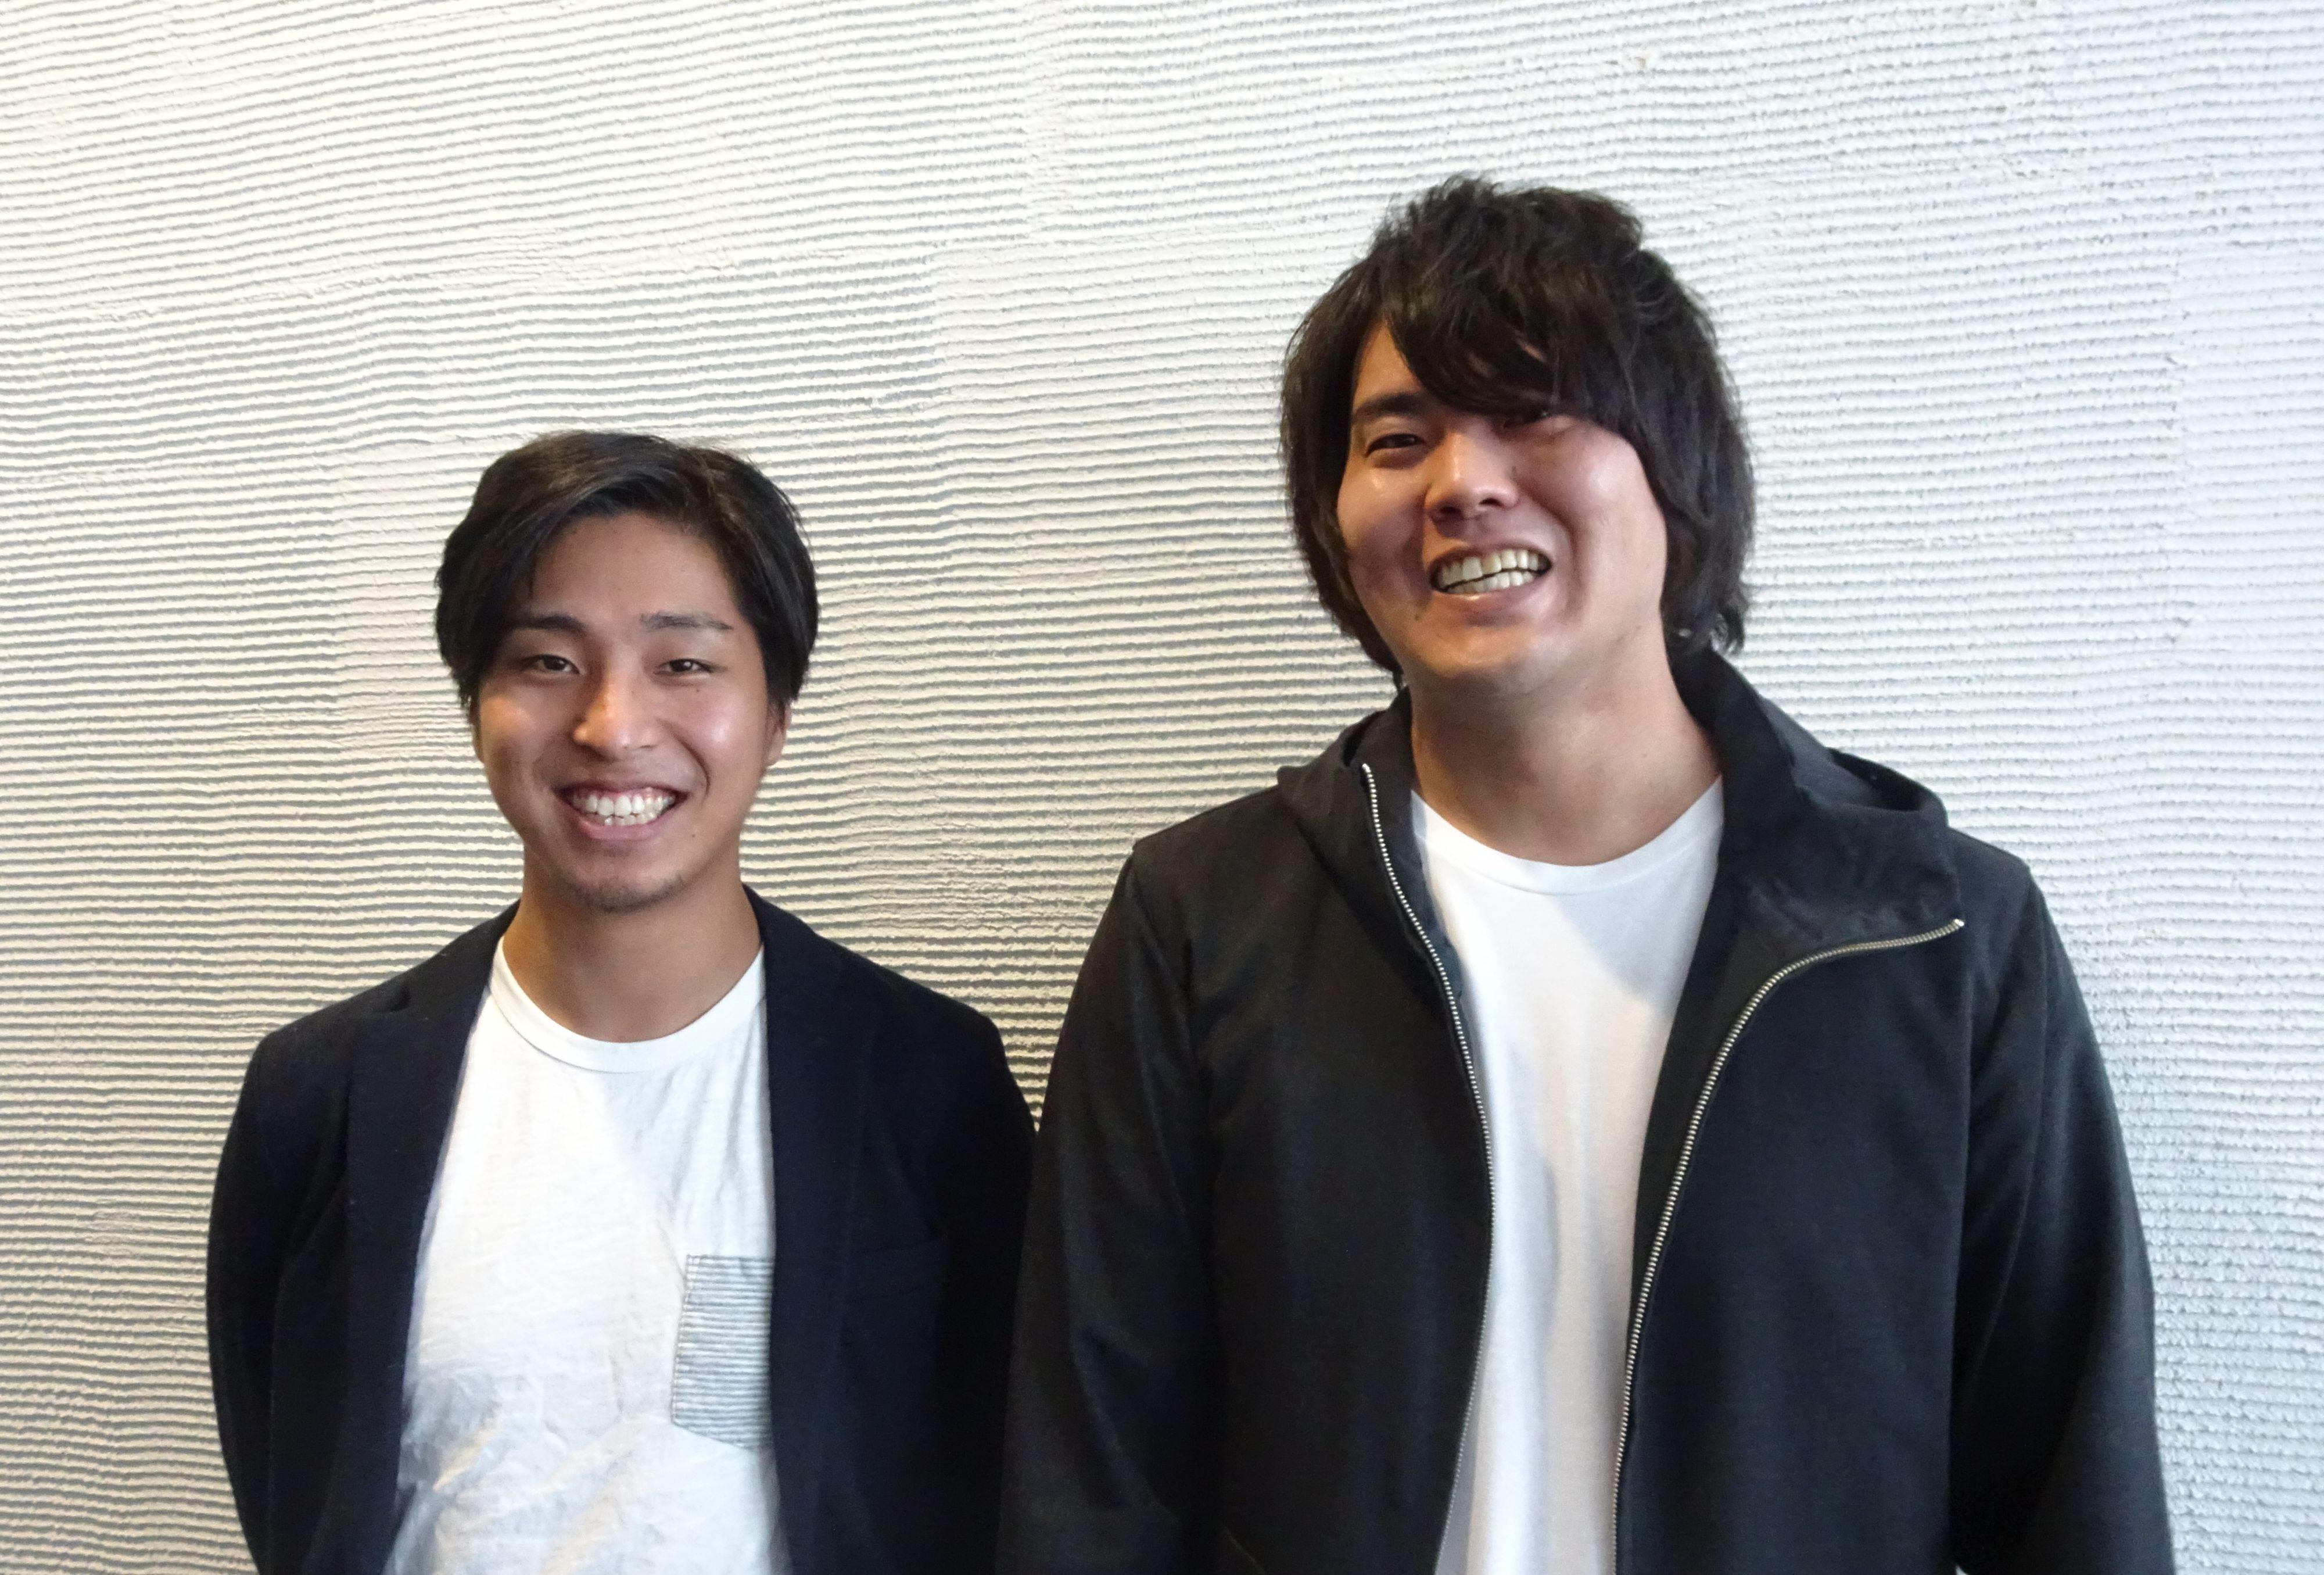 ブロックチェーンをつかった信頼のプラットフォームを目指すALISの安氏(左)と水沢氏